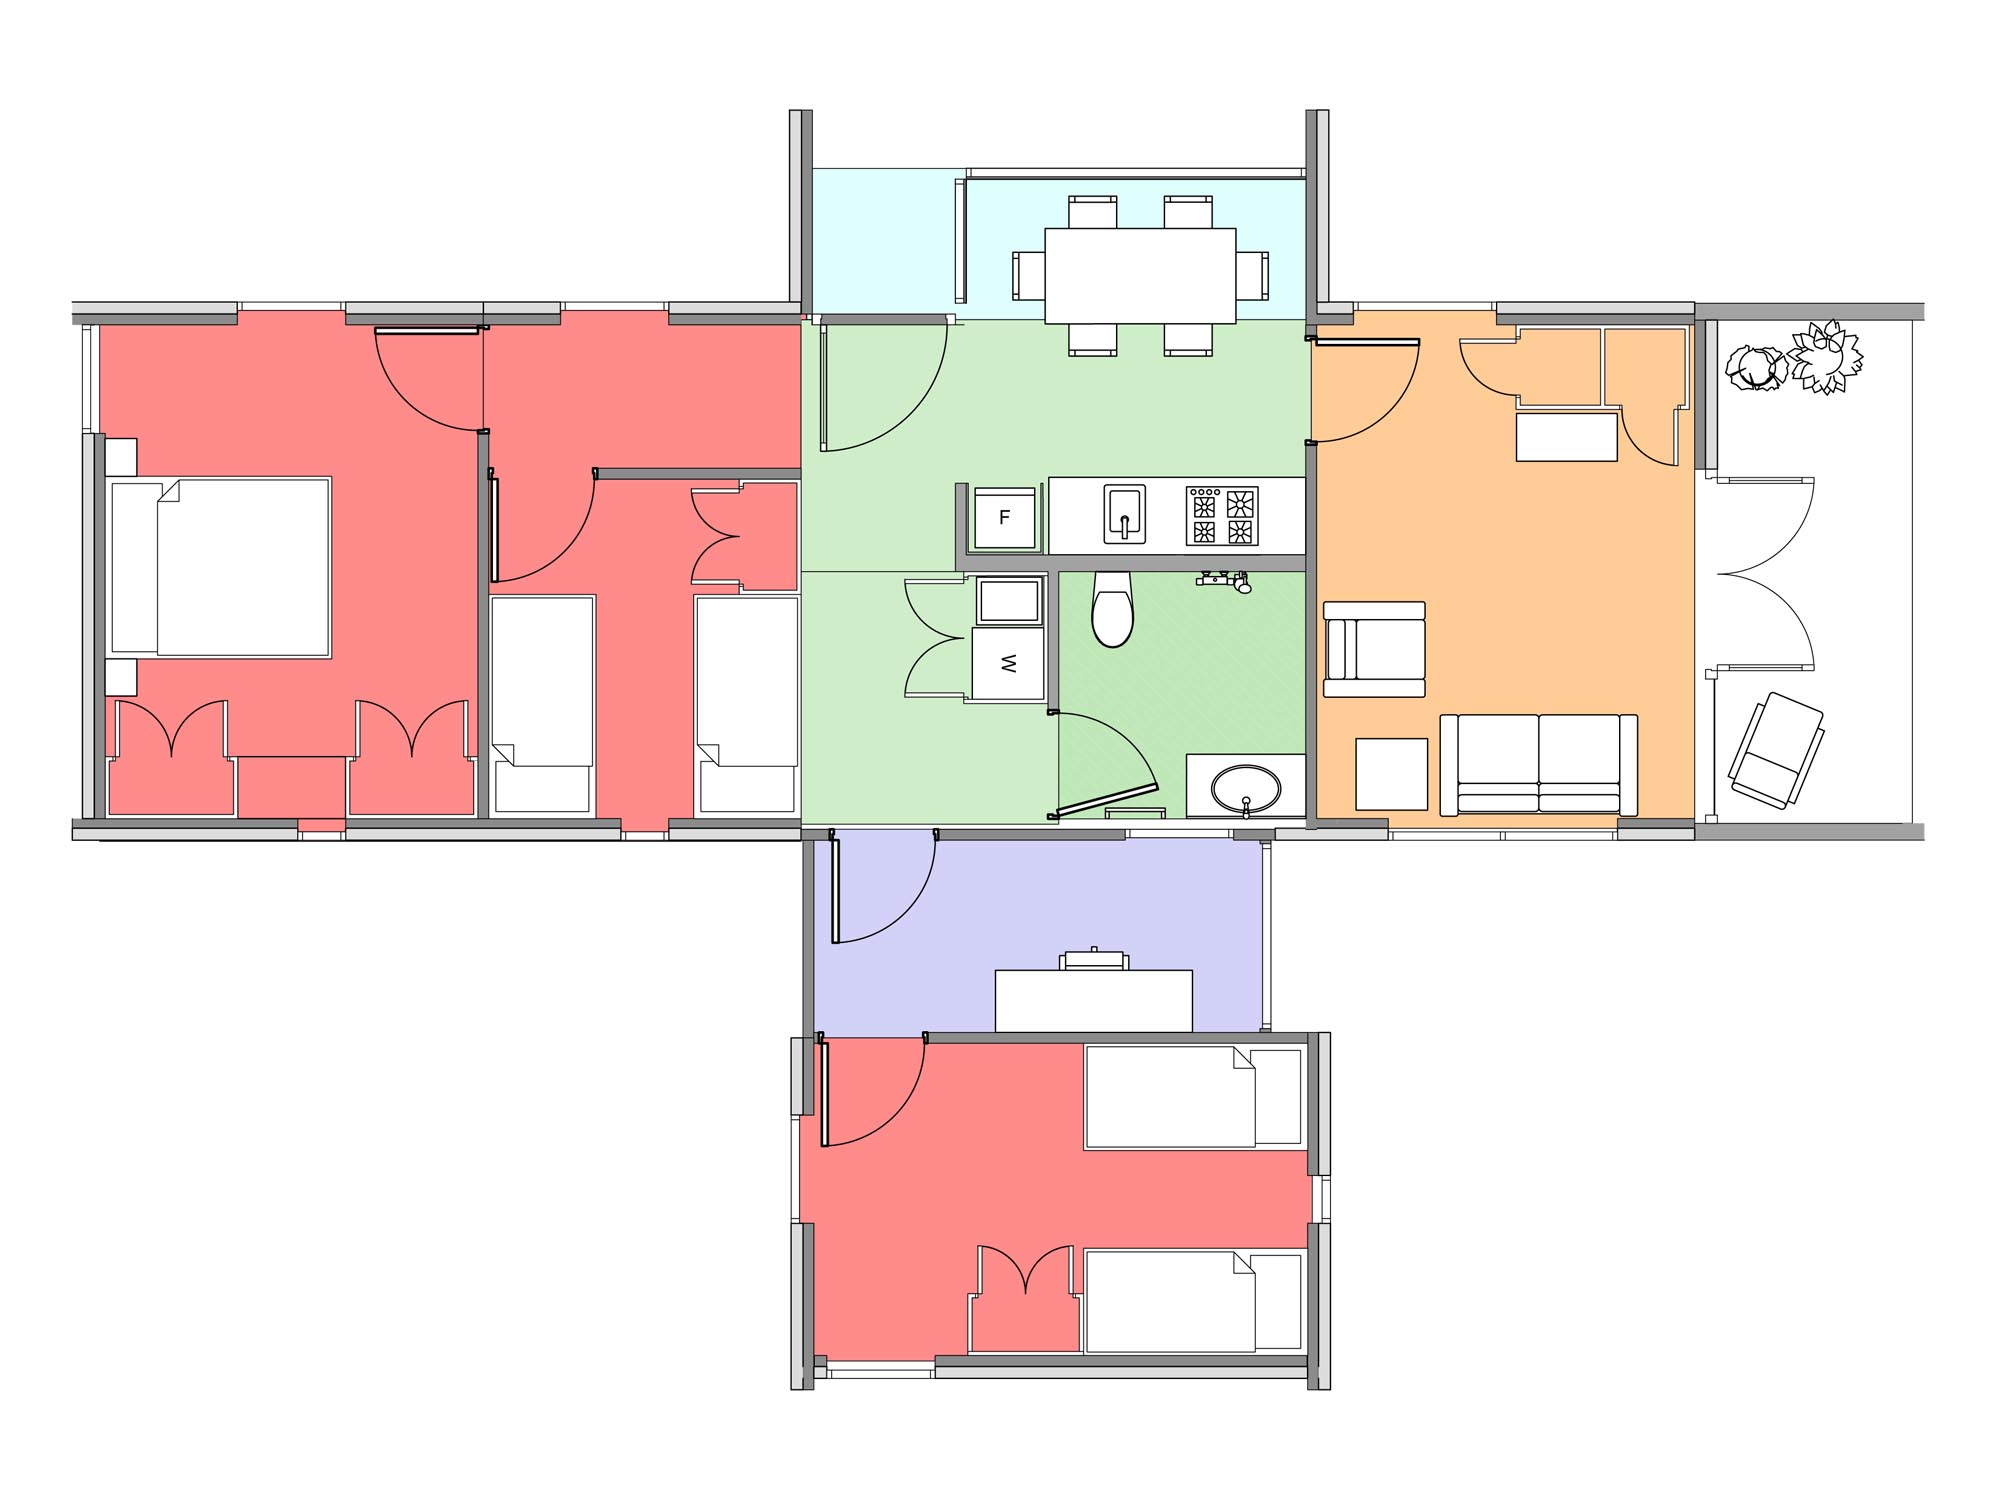 Plan of Te Whare-iti TWI 35